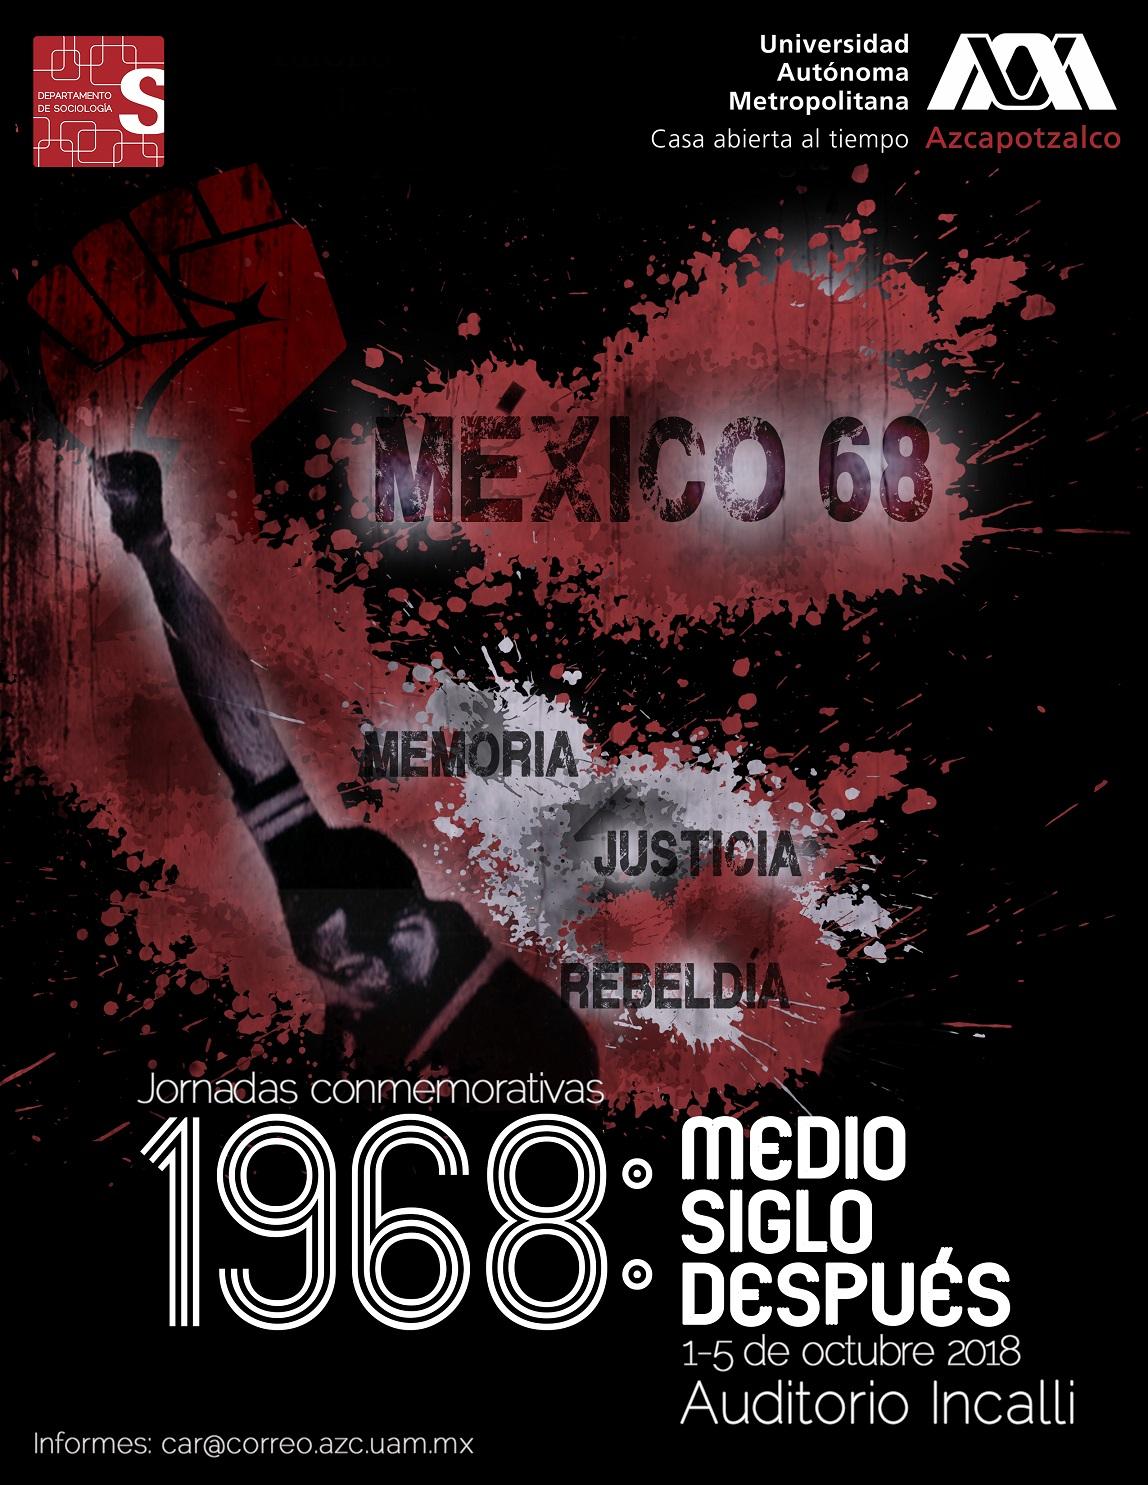 Cartel Jornadas conmemorativas 1968